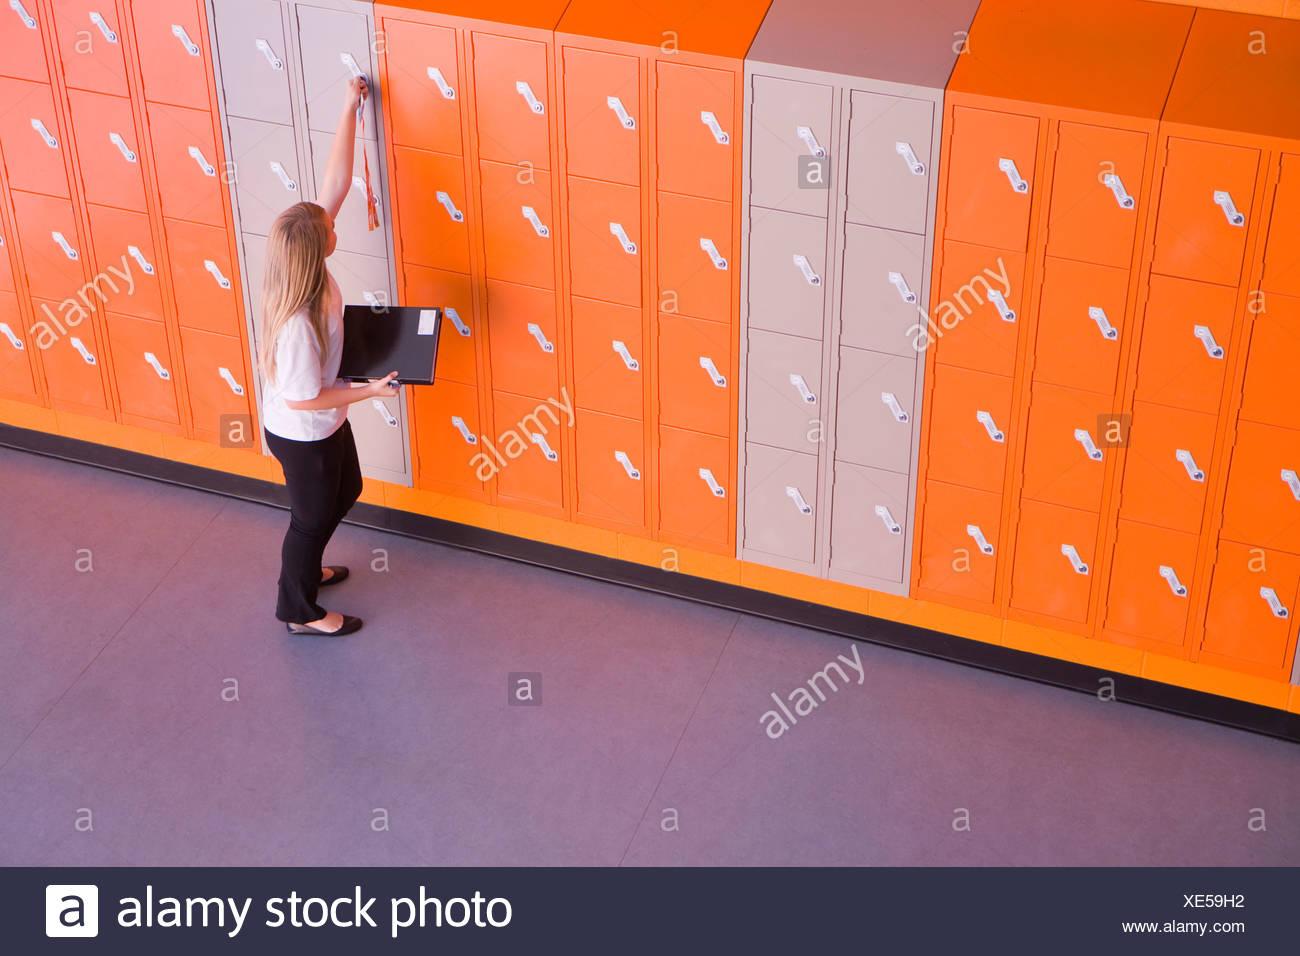 Girl opening locker in school corridor - Stock Image